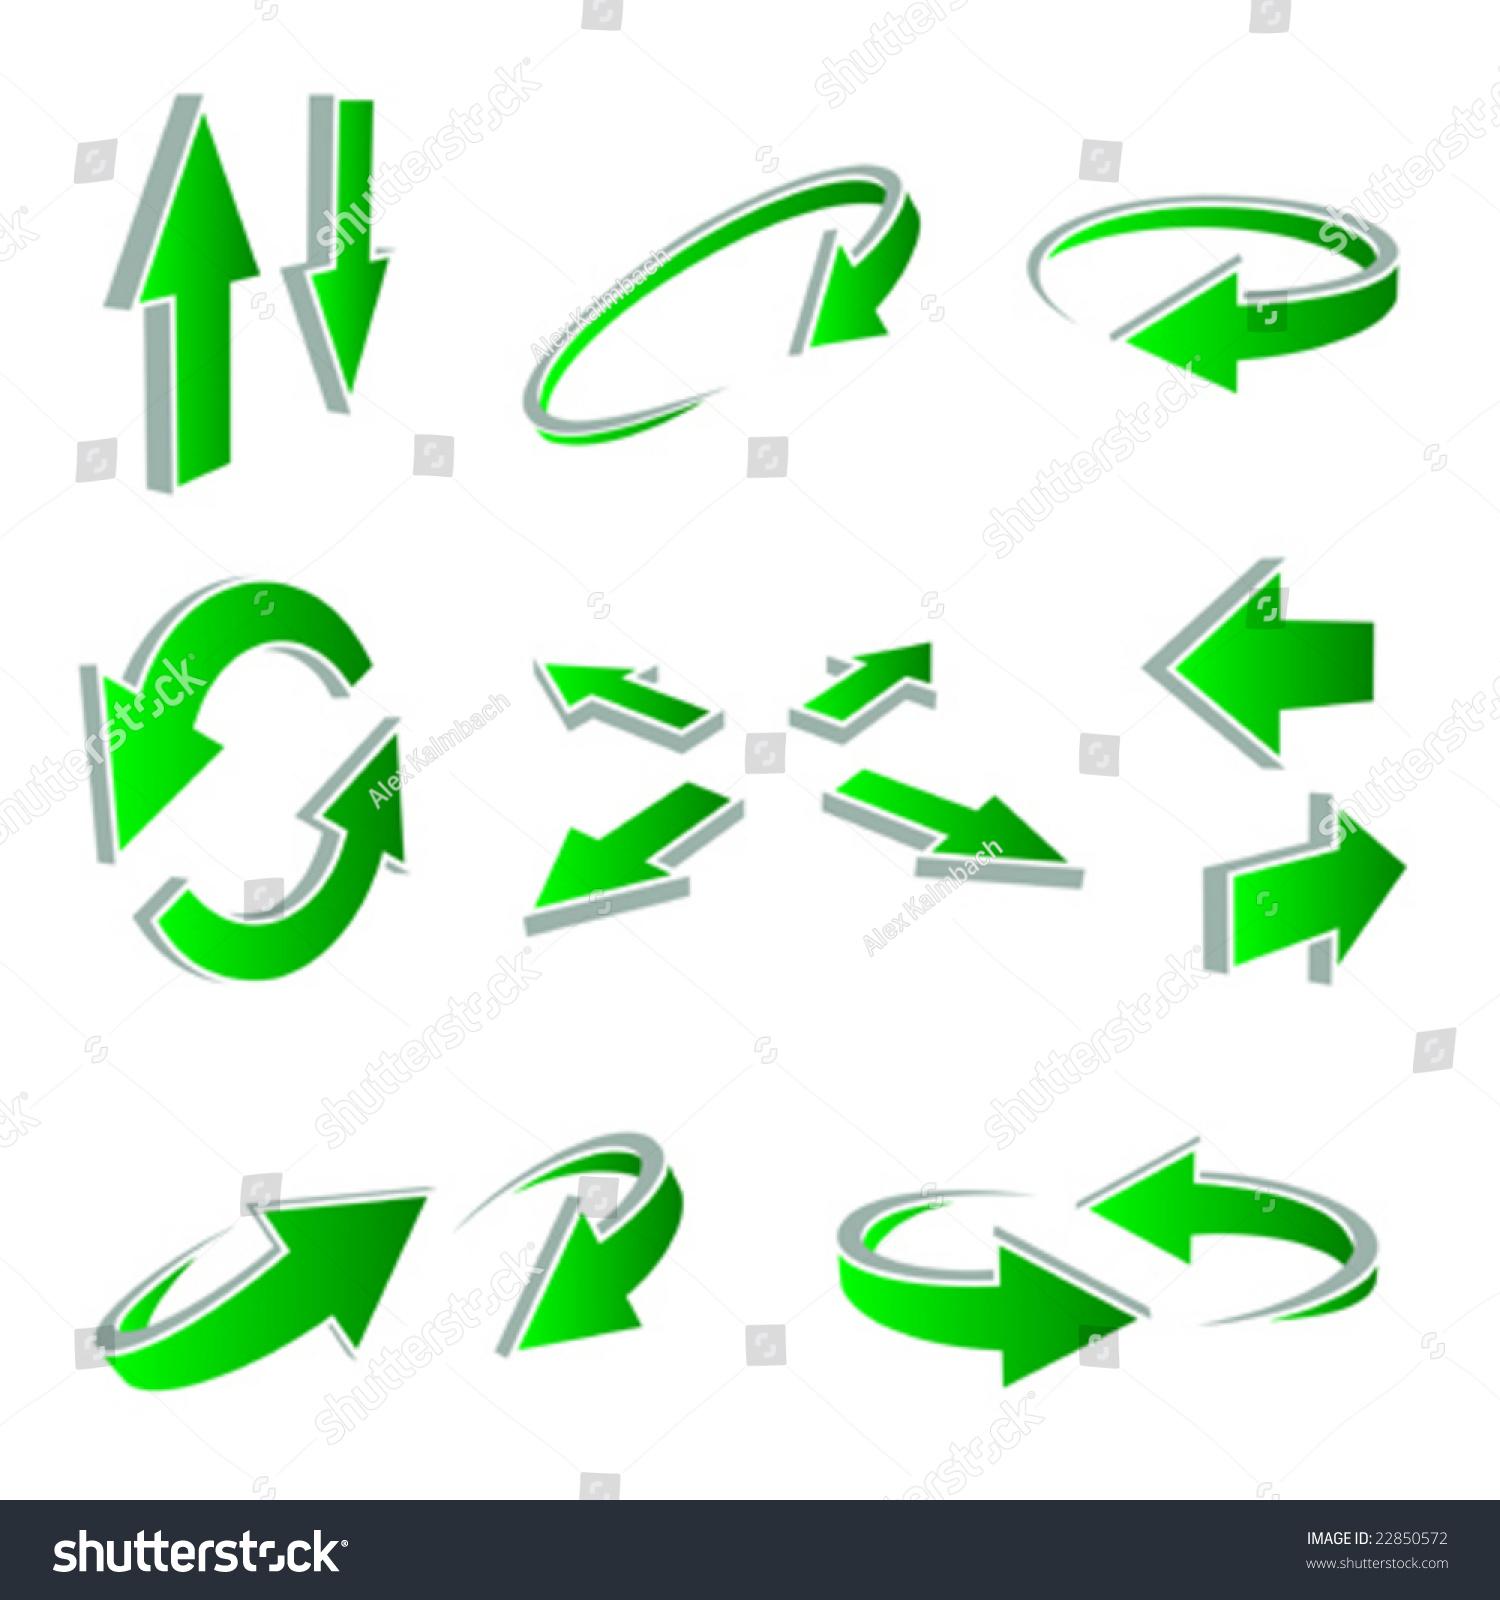 一组向量有用的箭头.-插图/剪贴图,符号/标志-海洛()